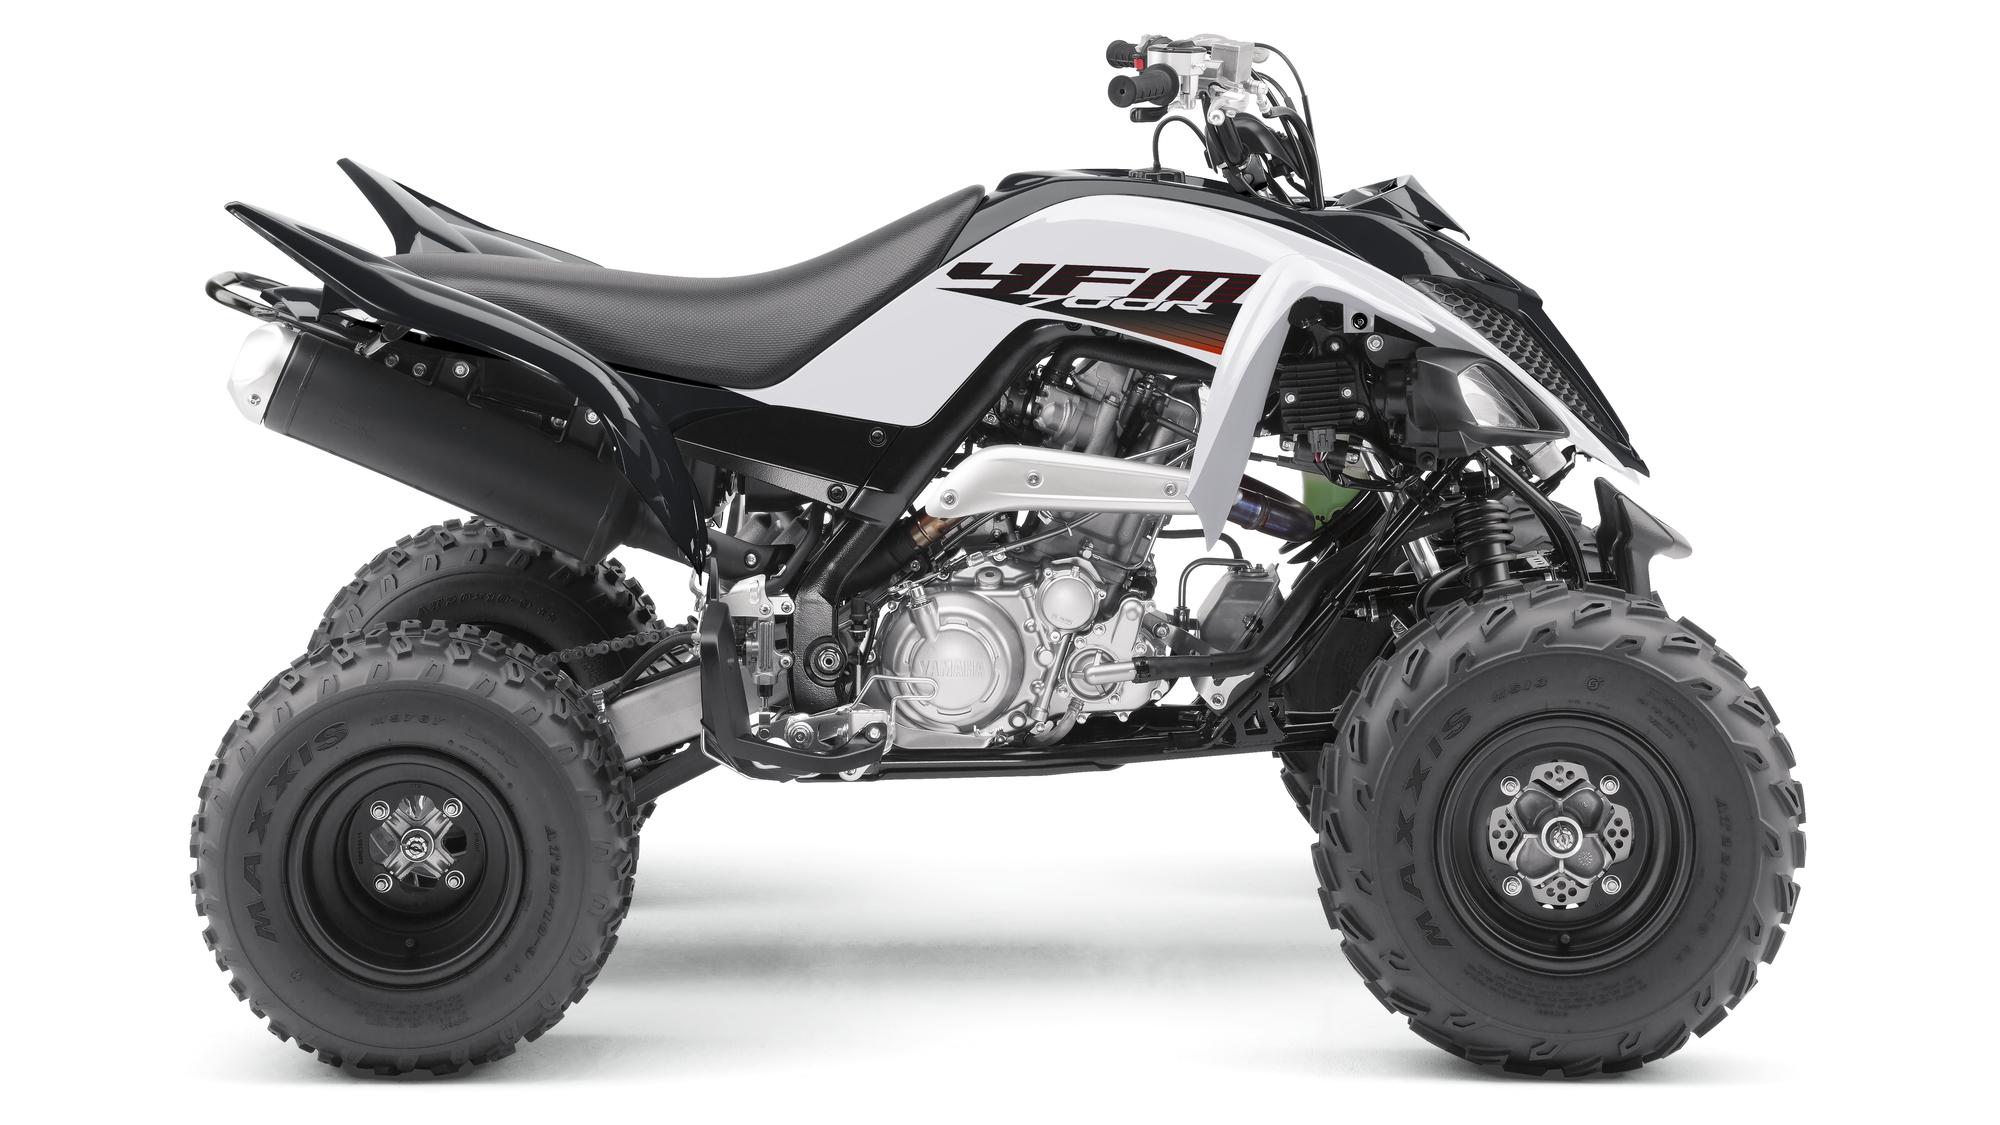 Yamaha Sports YFM700R